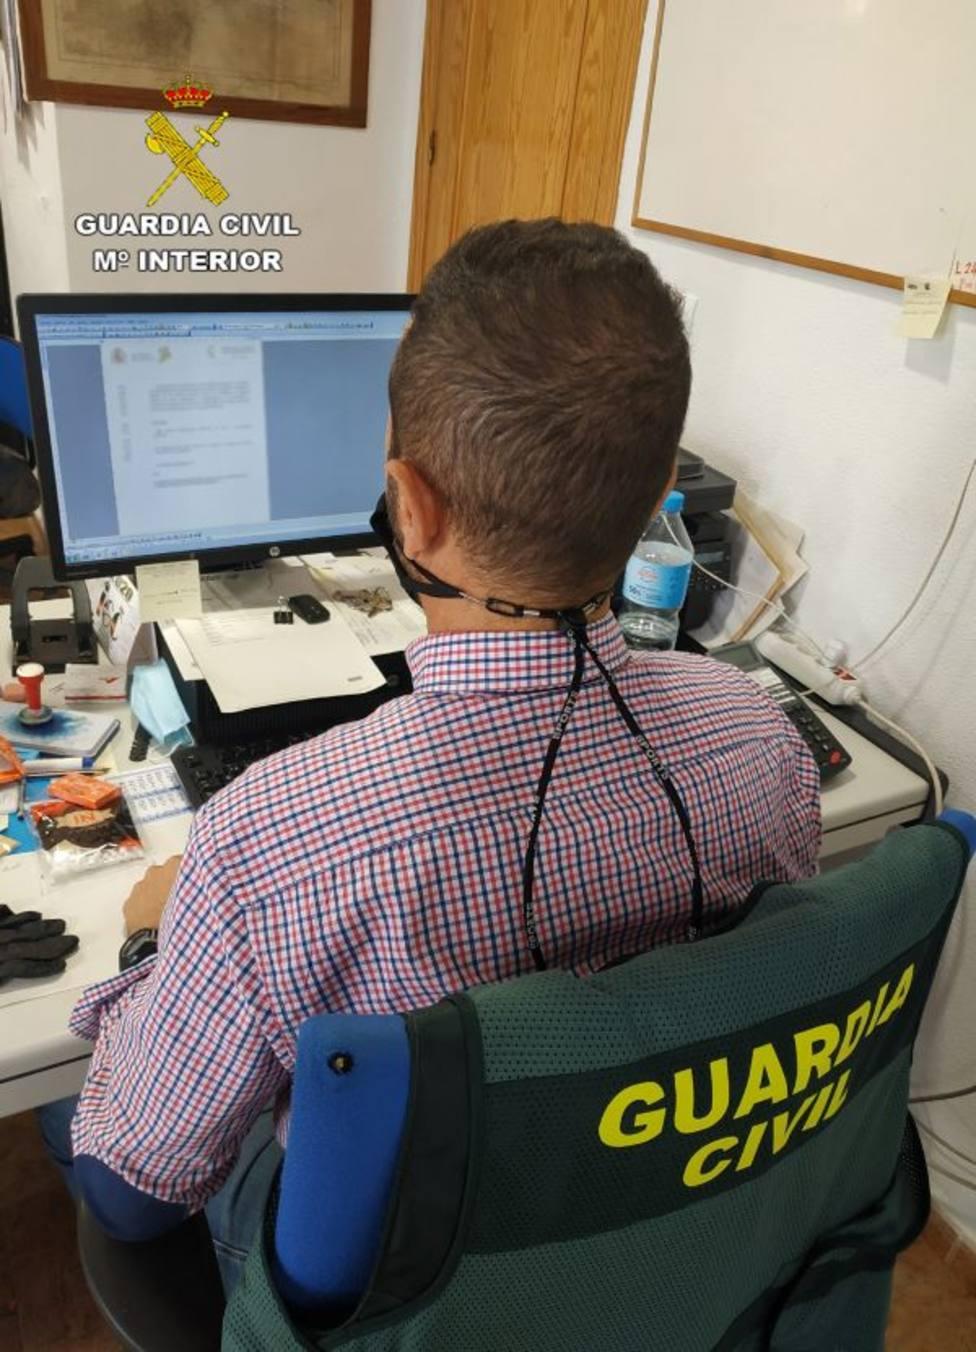 La Guardia Civil detiene en Mazarrón a una persona dedicada a cometer estafas a través de internet